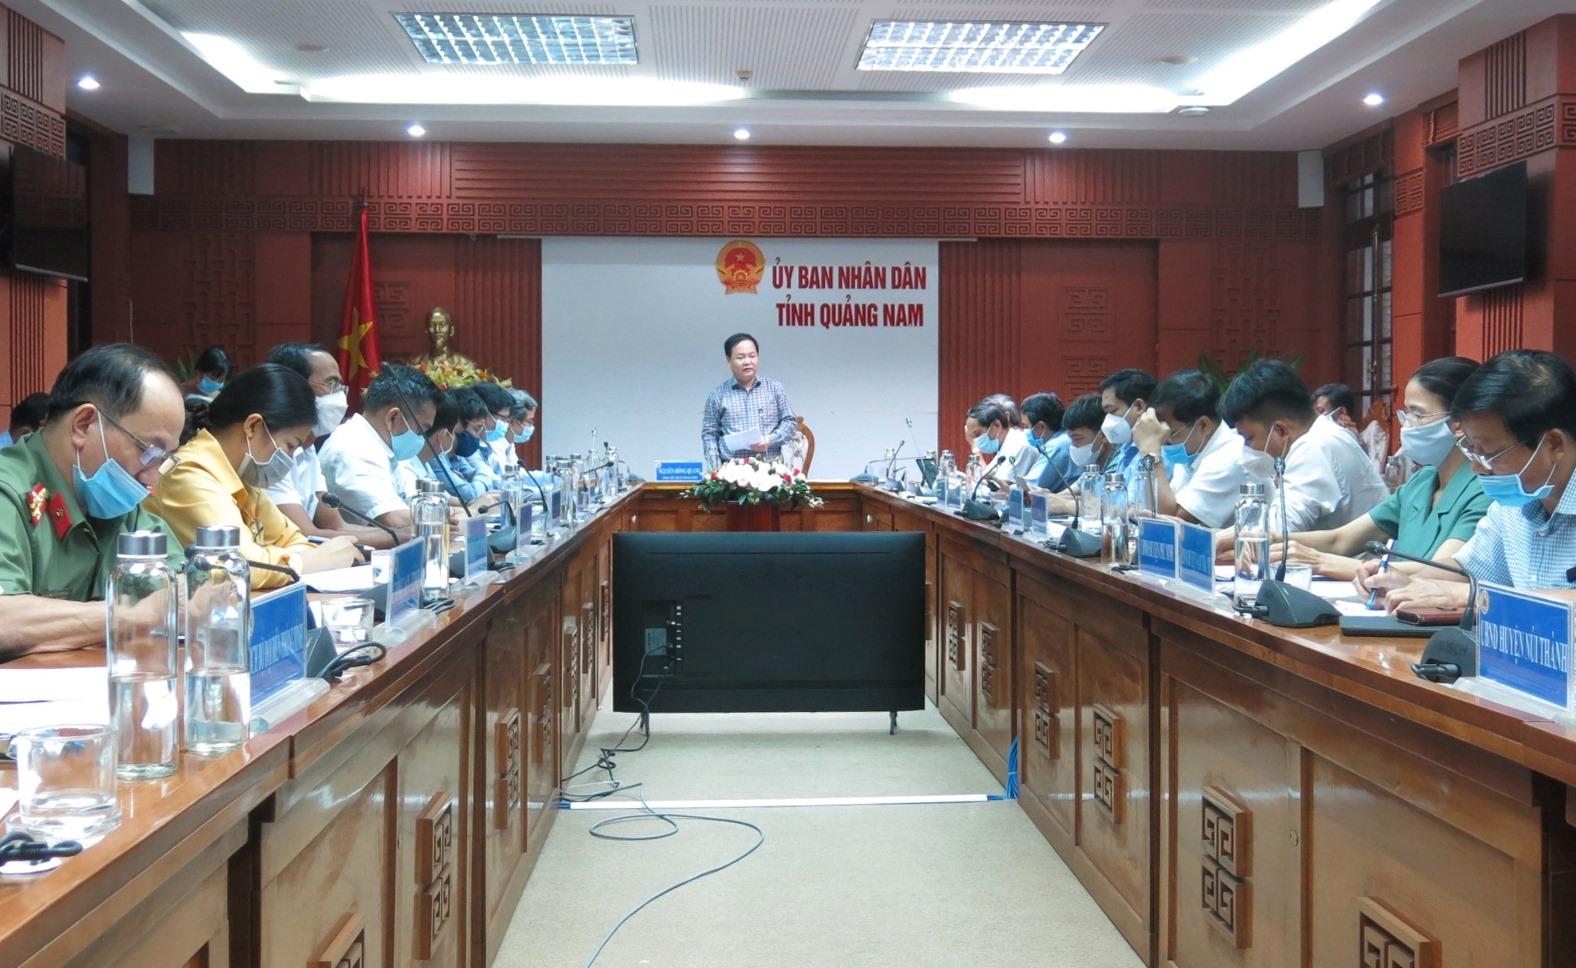 Phó Chủ tịch UBND tỉnh Nguyễn Hồng Quang chủ trì buổi làm việc